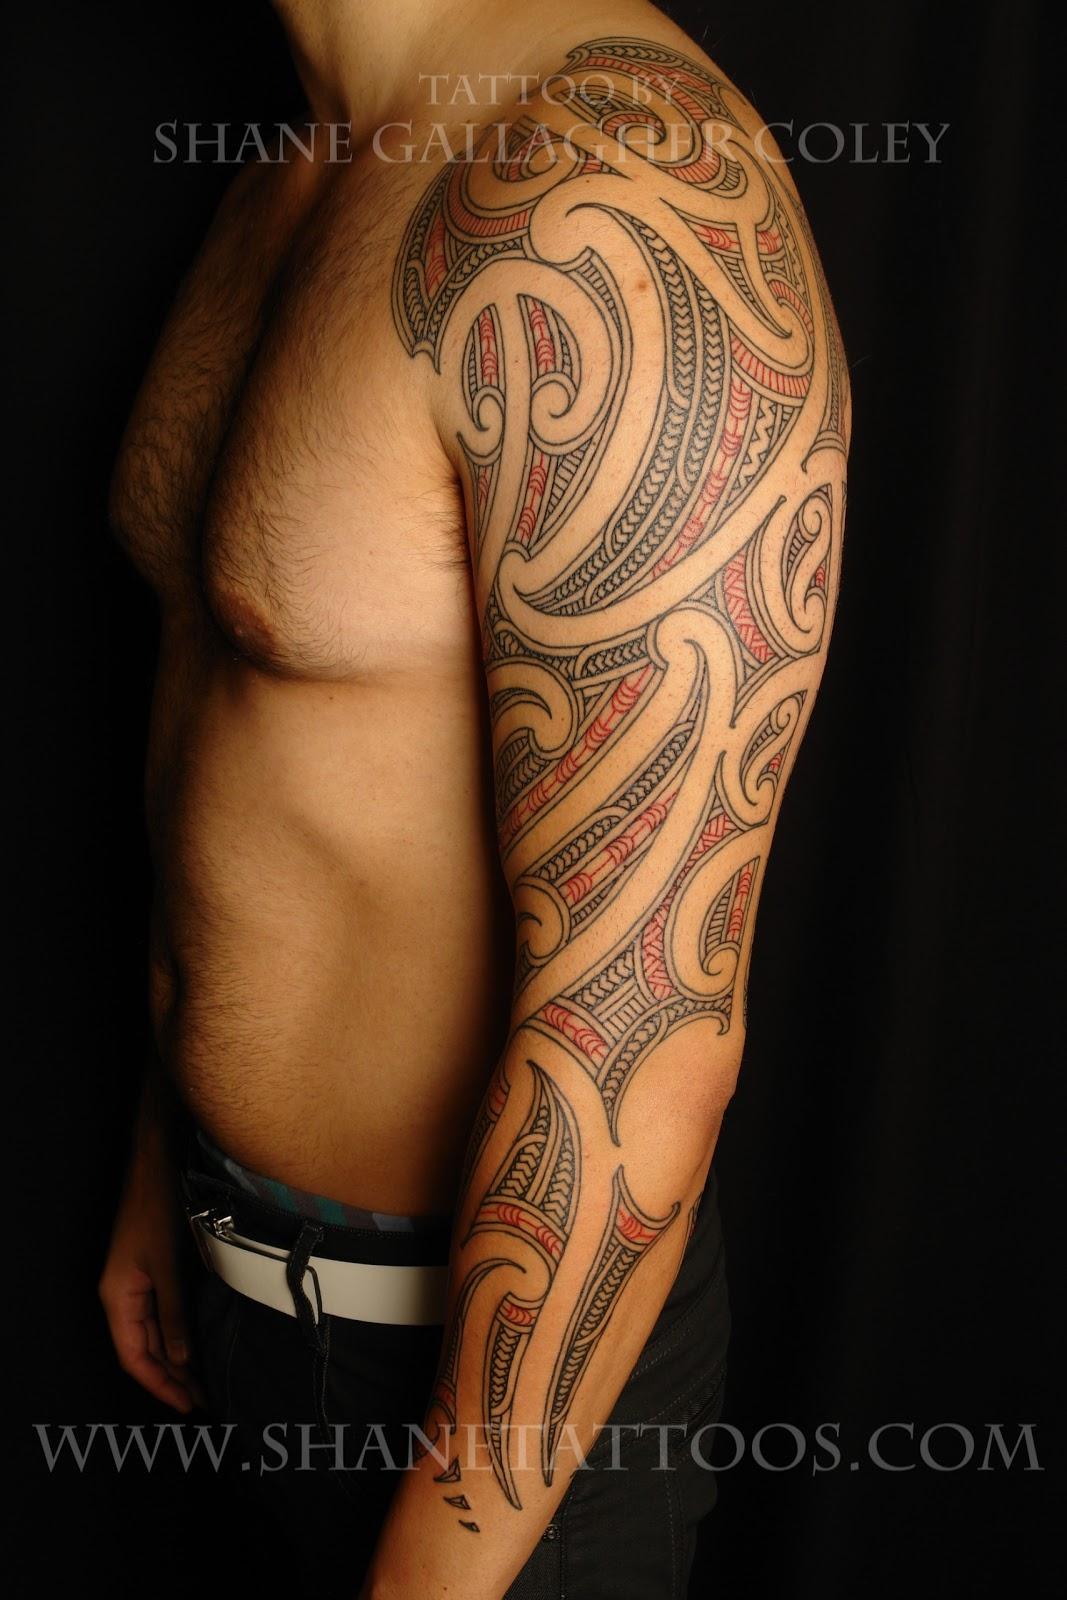 shane tattoos maori sleeve tattoo on matt. Black Bedroom Furniture Sets. Home Design Ideas